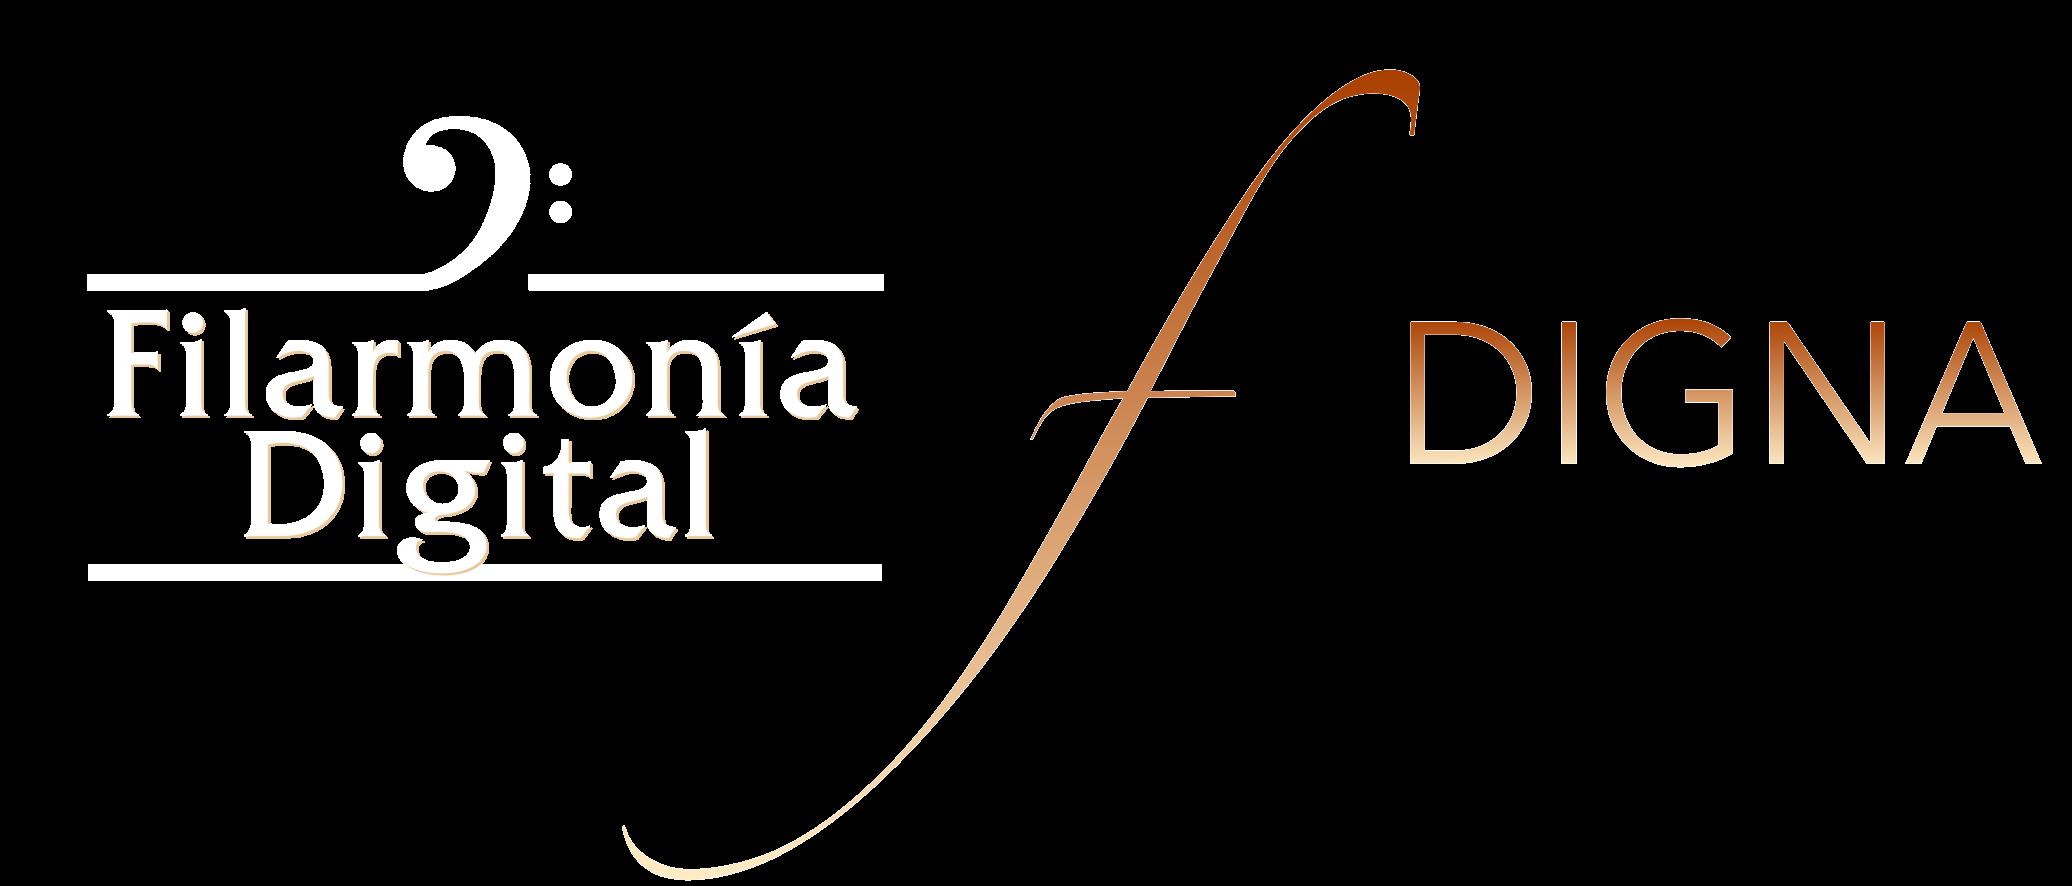 Filarmonía Digital